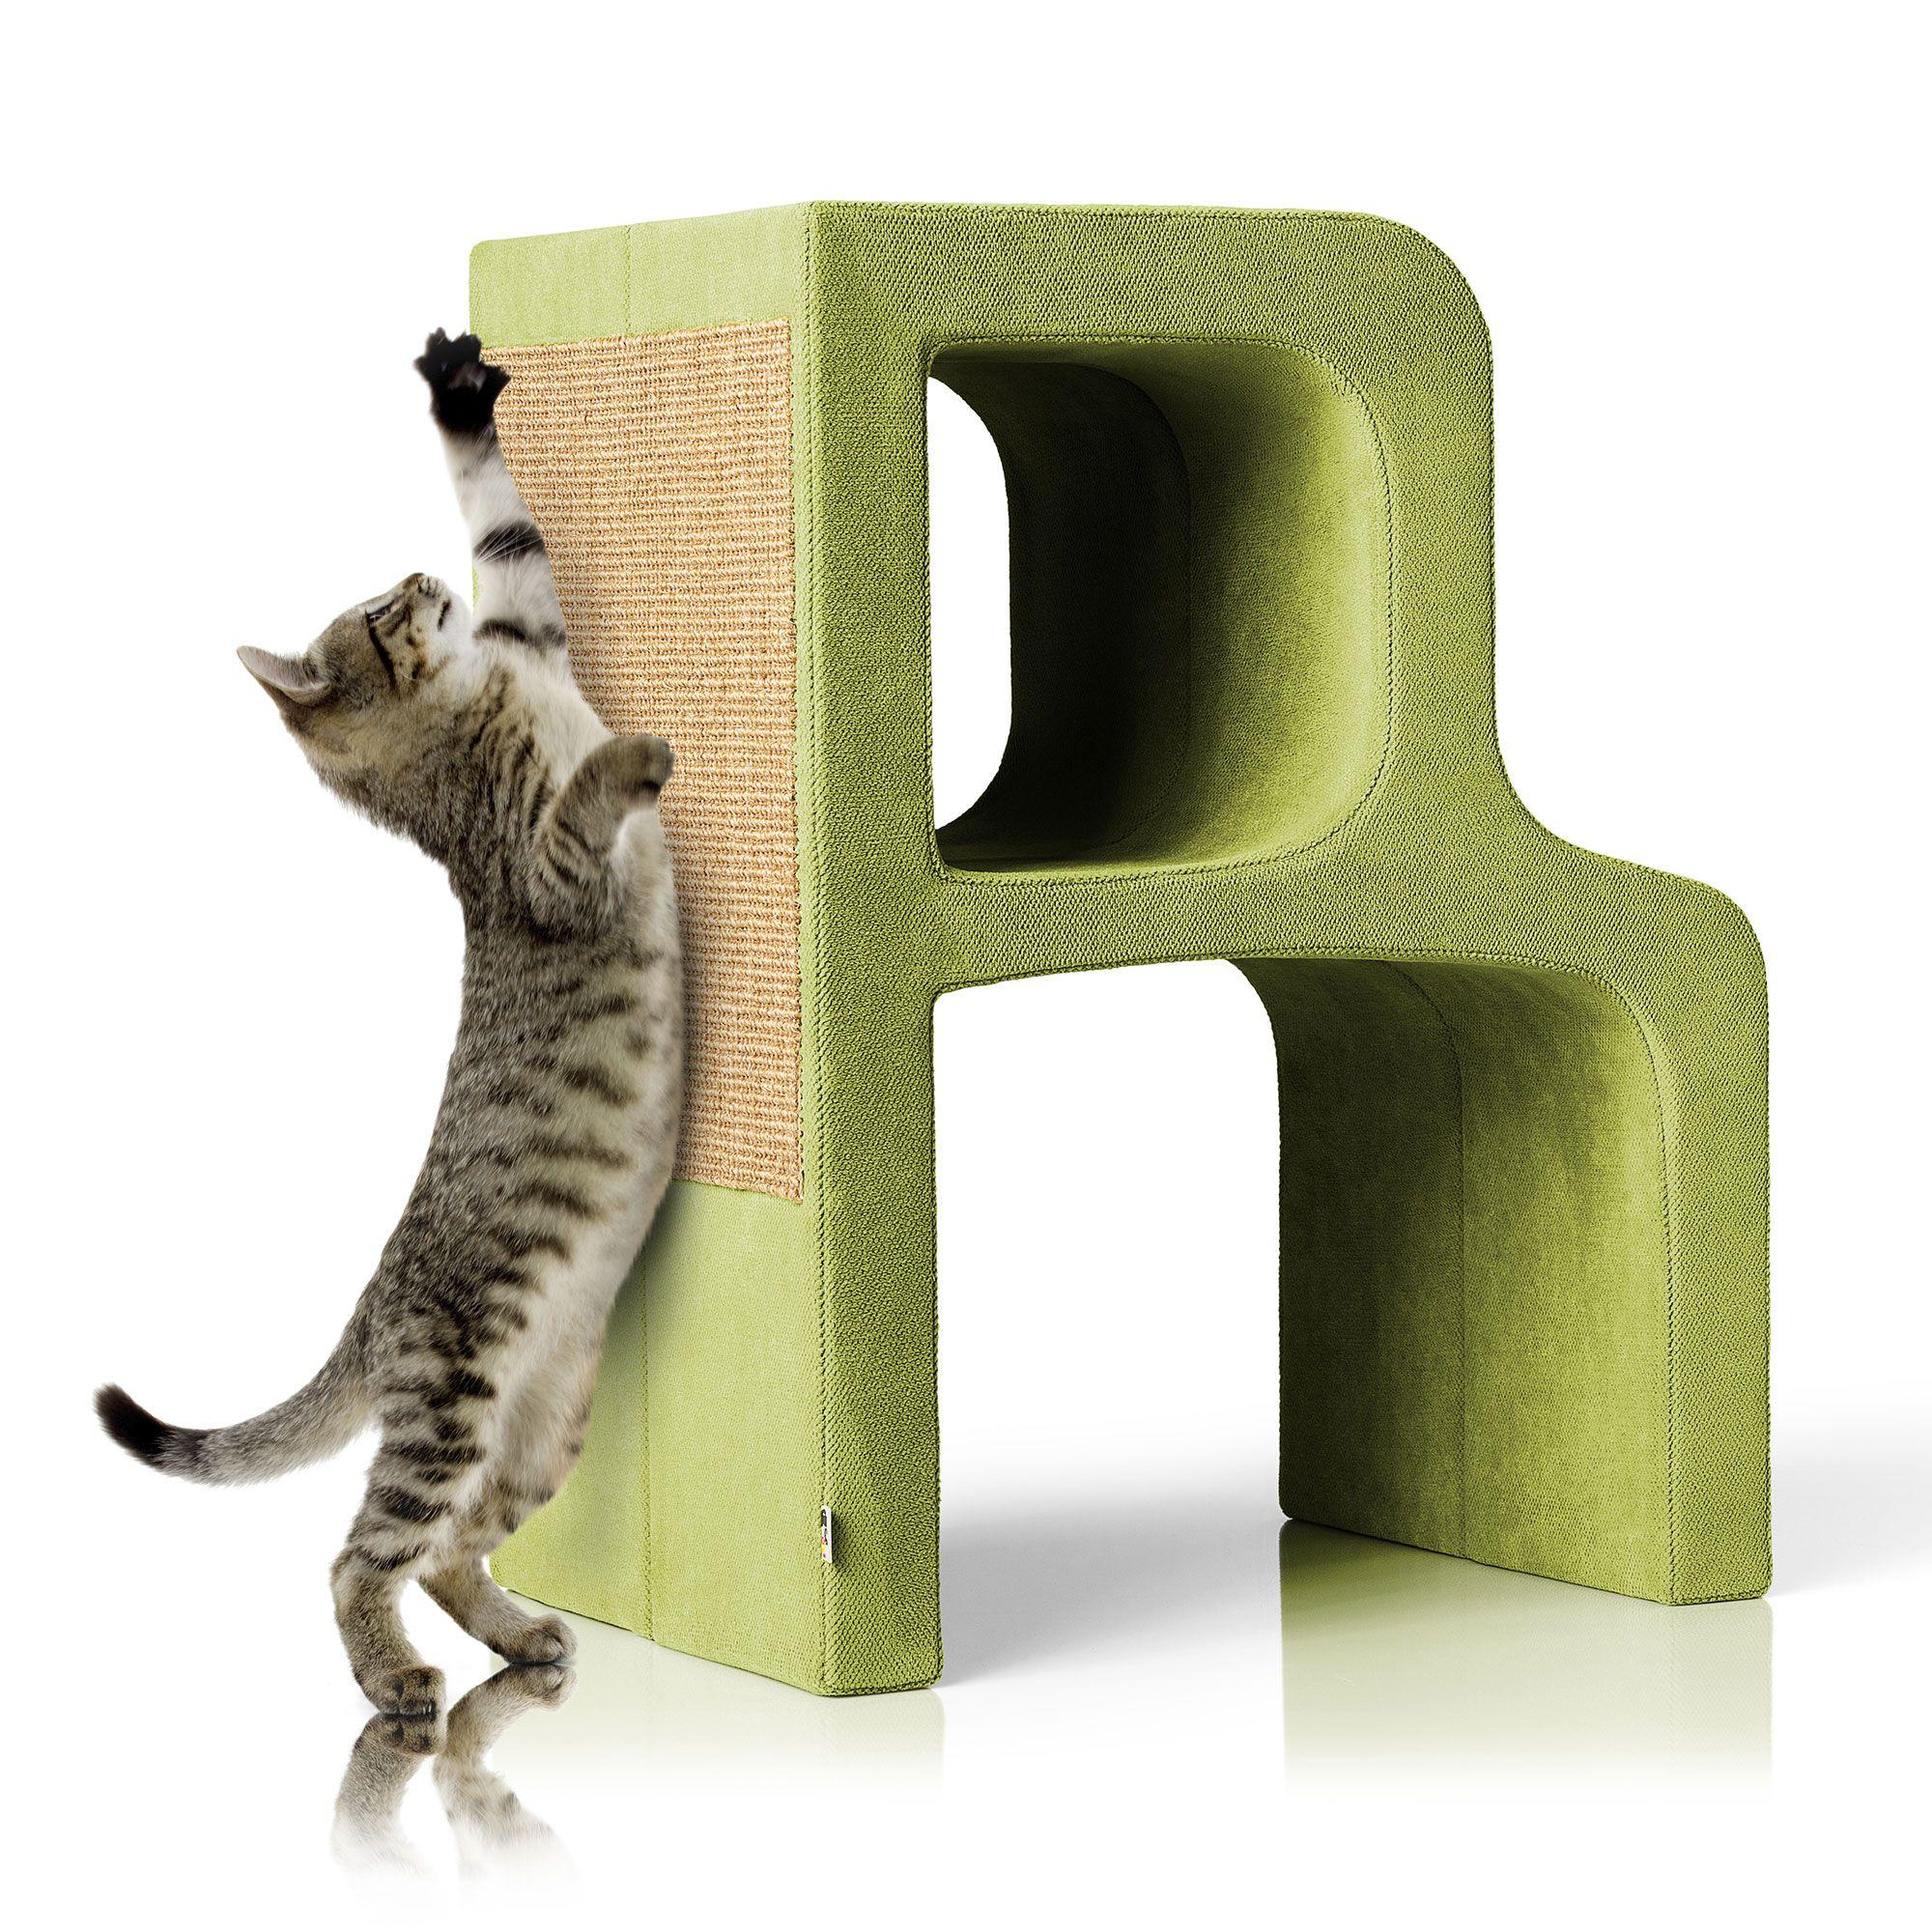 buchstaben kratzbaum r alles f r die katz alles in gr n kratzbaum katzen und katzen bett. Black Bedroom Furniture Sets. Home Design Ideas